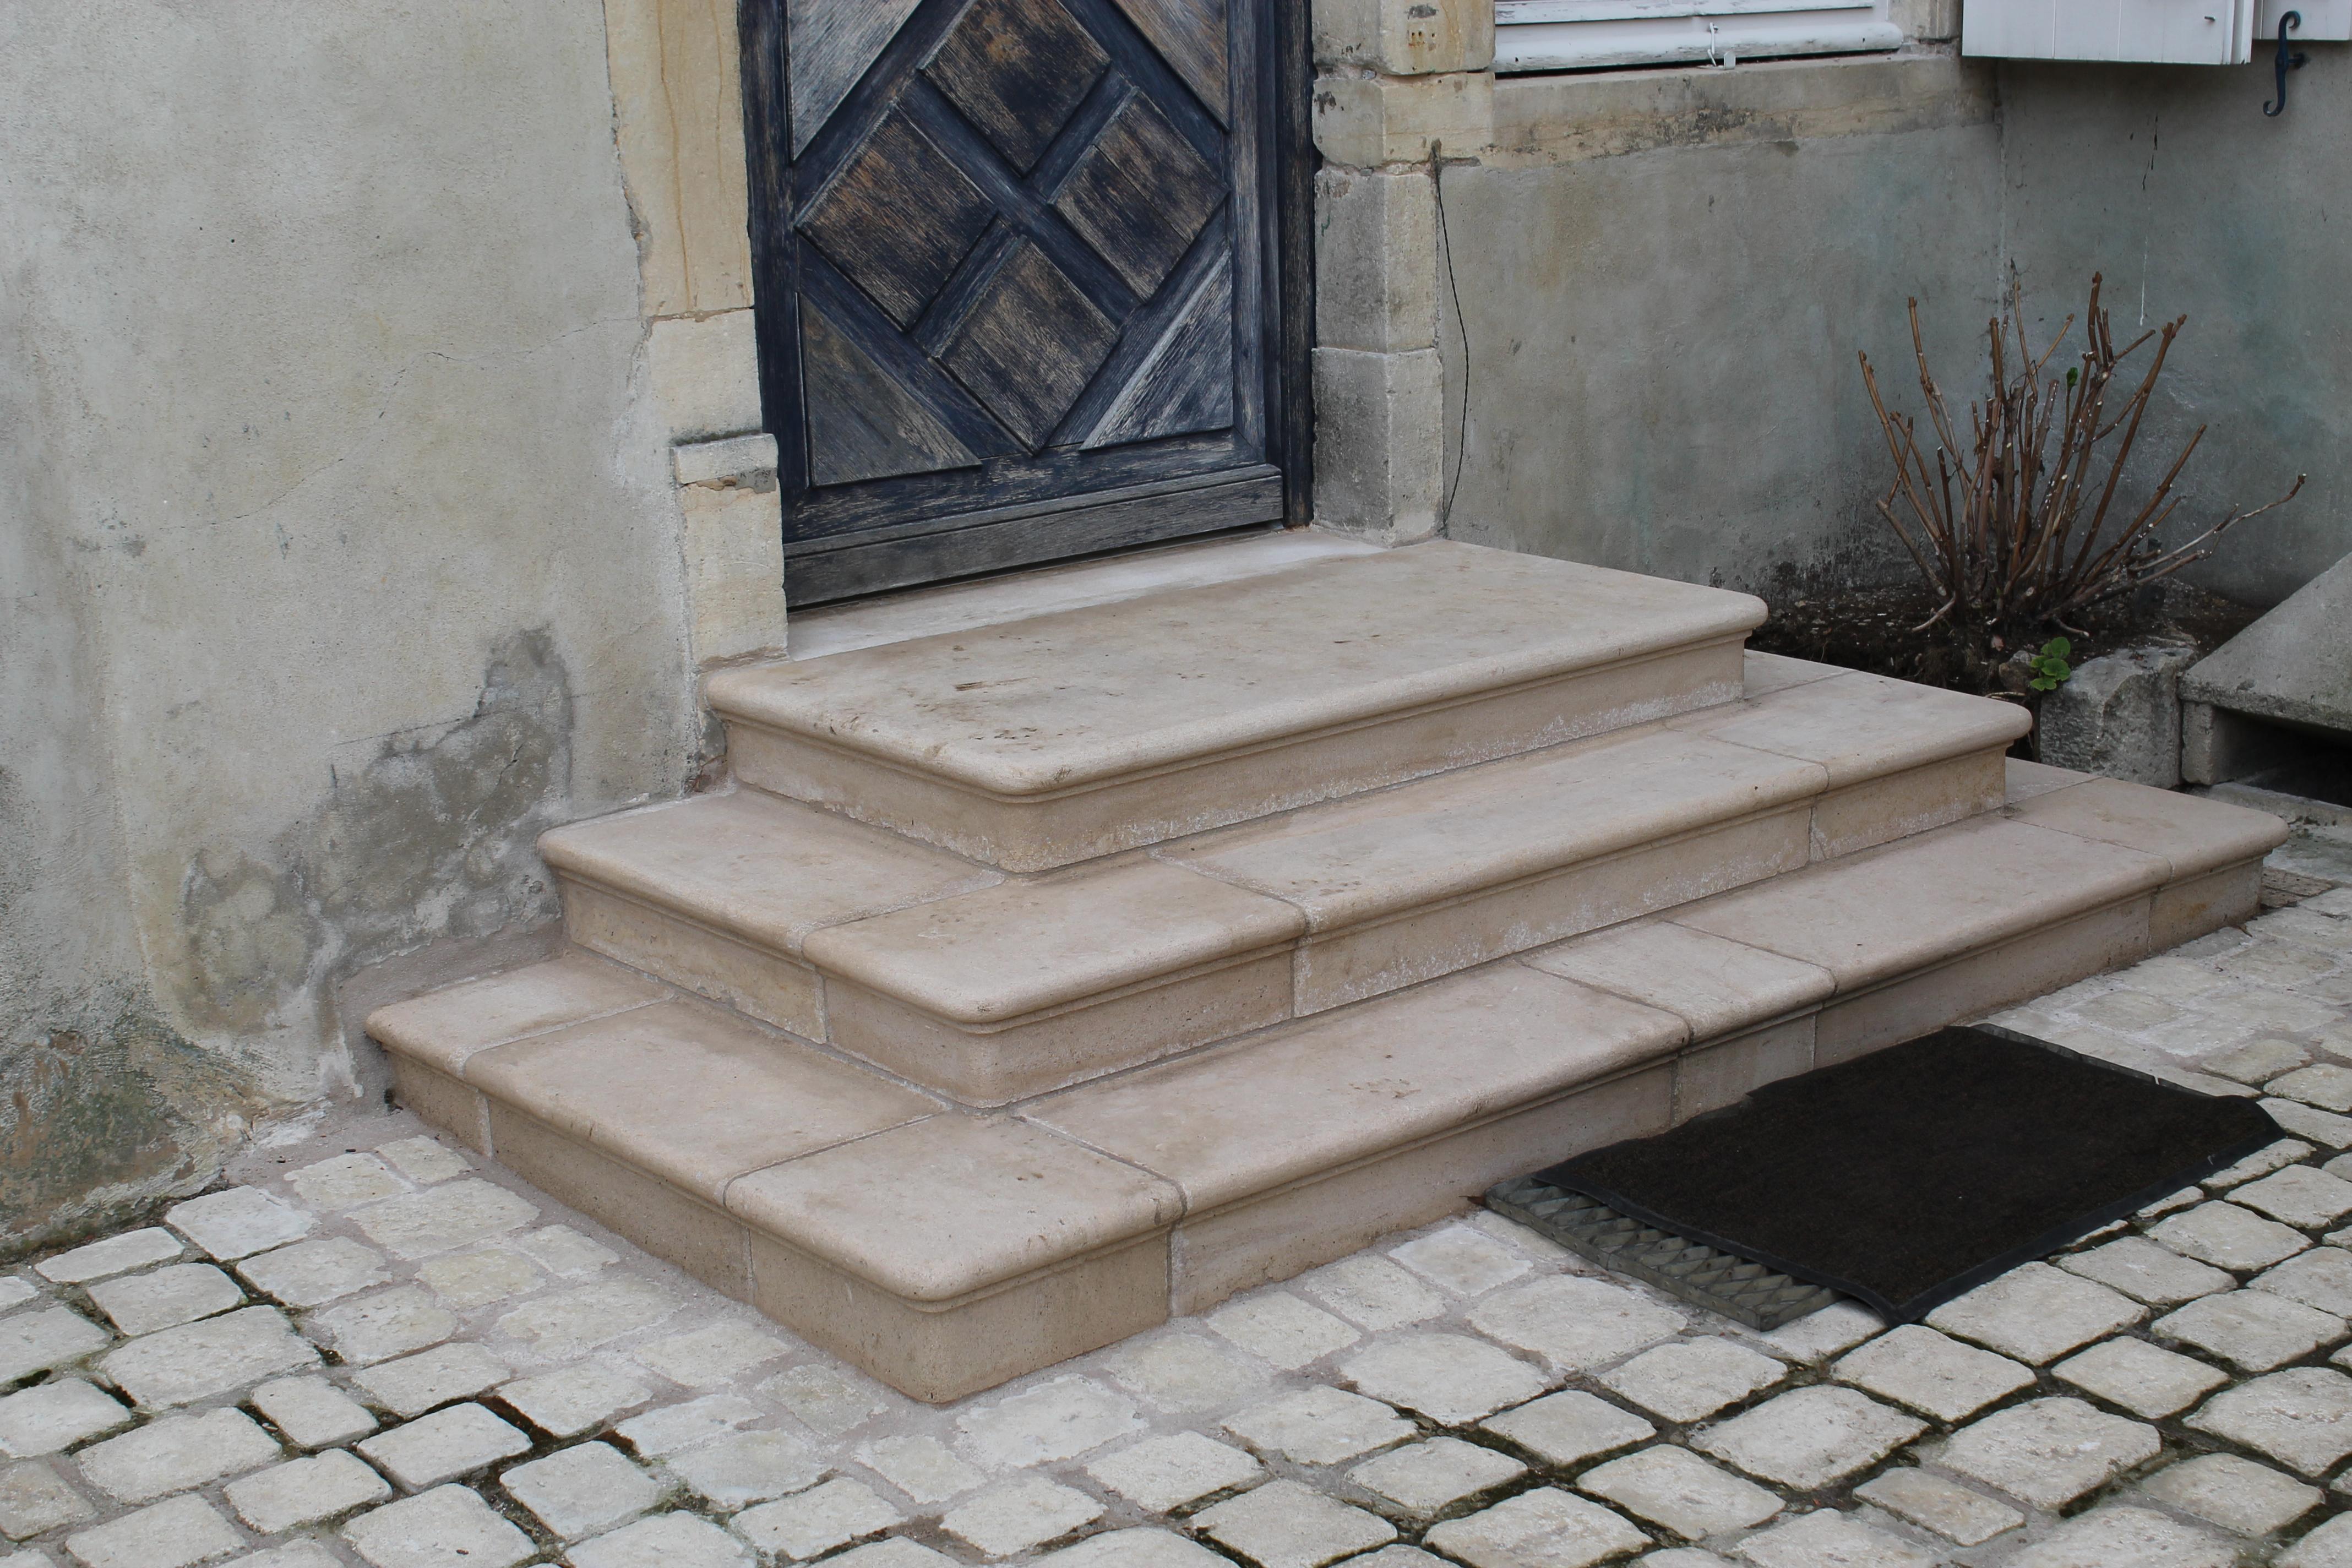 escalier-palier-pierre-ancien